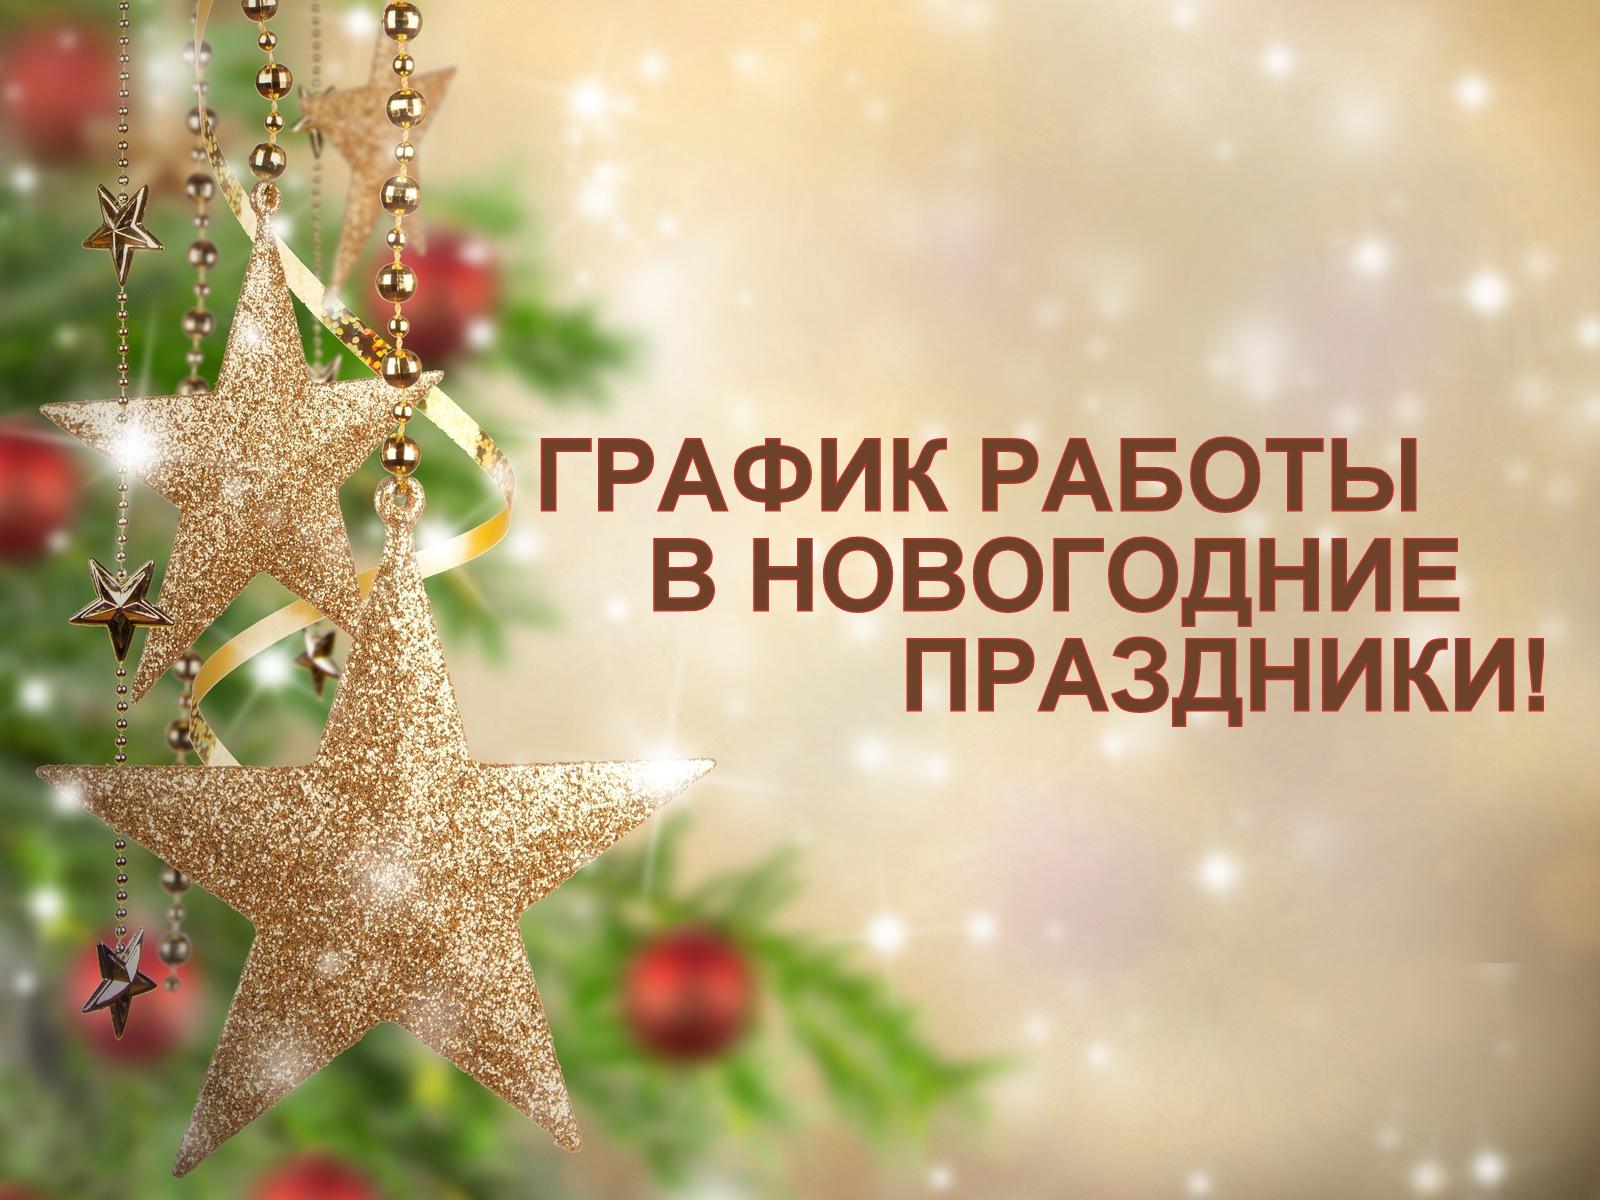 ГРАФИК РАБОТЫ В НОВОГОДНИЕ ПРАЗДНИКИ 2019 года